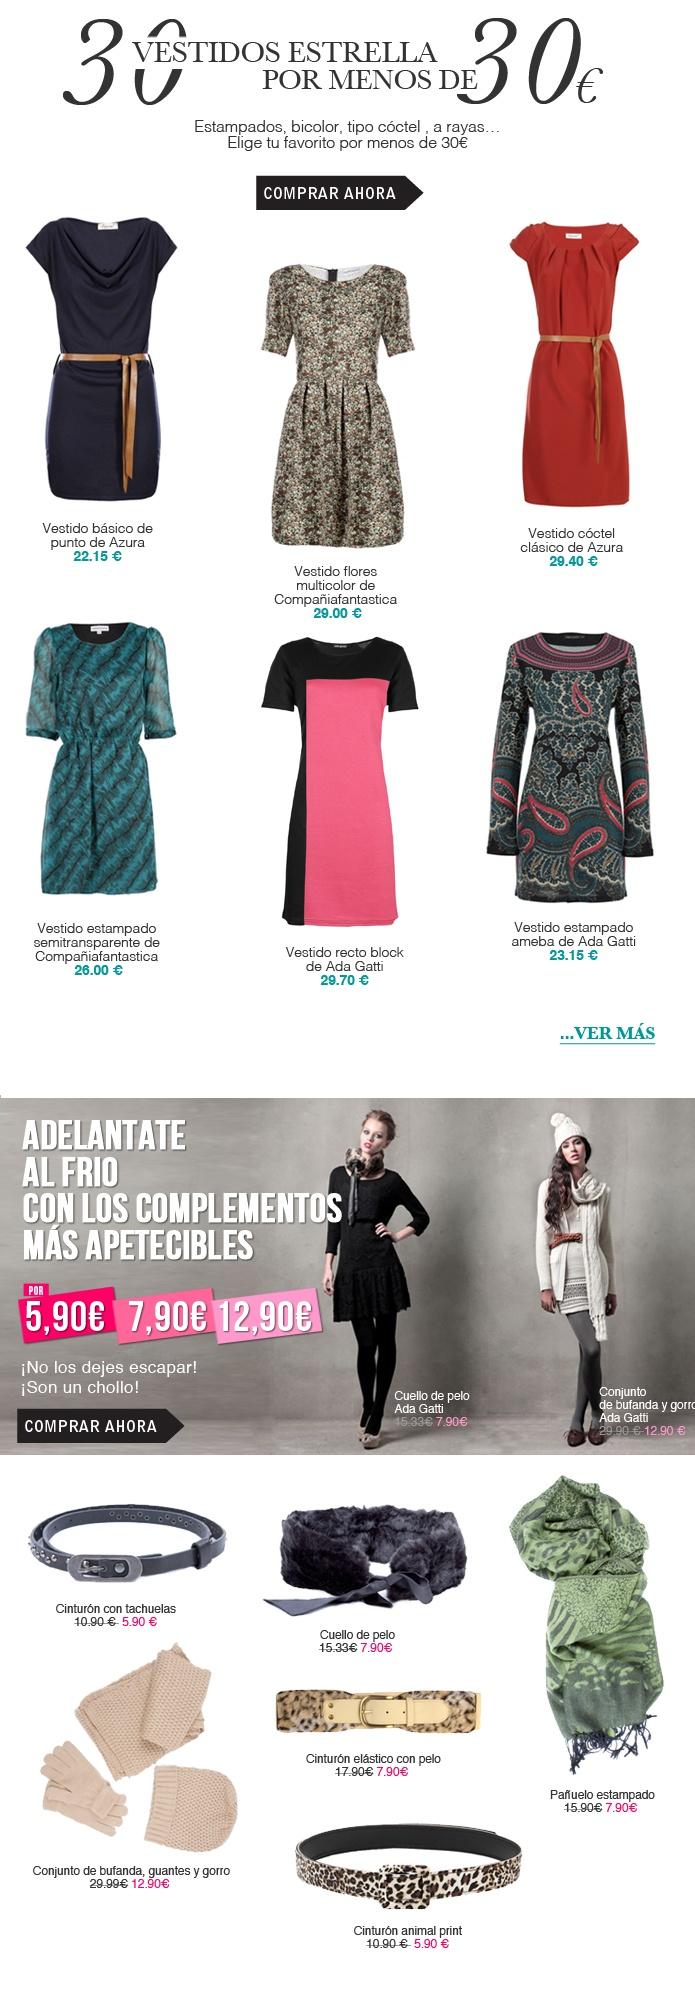 30 Vestidos por menos de 30 €